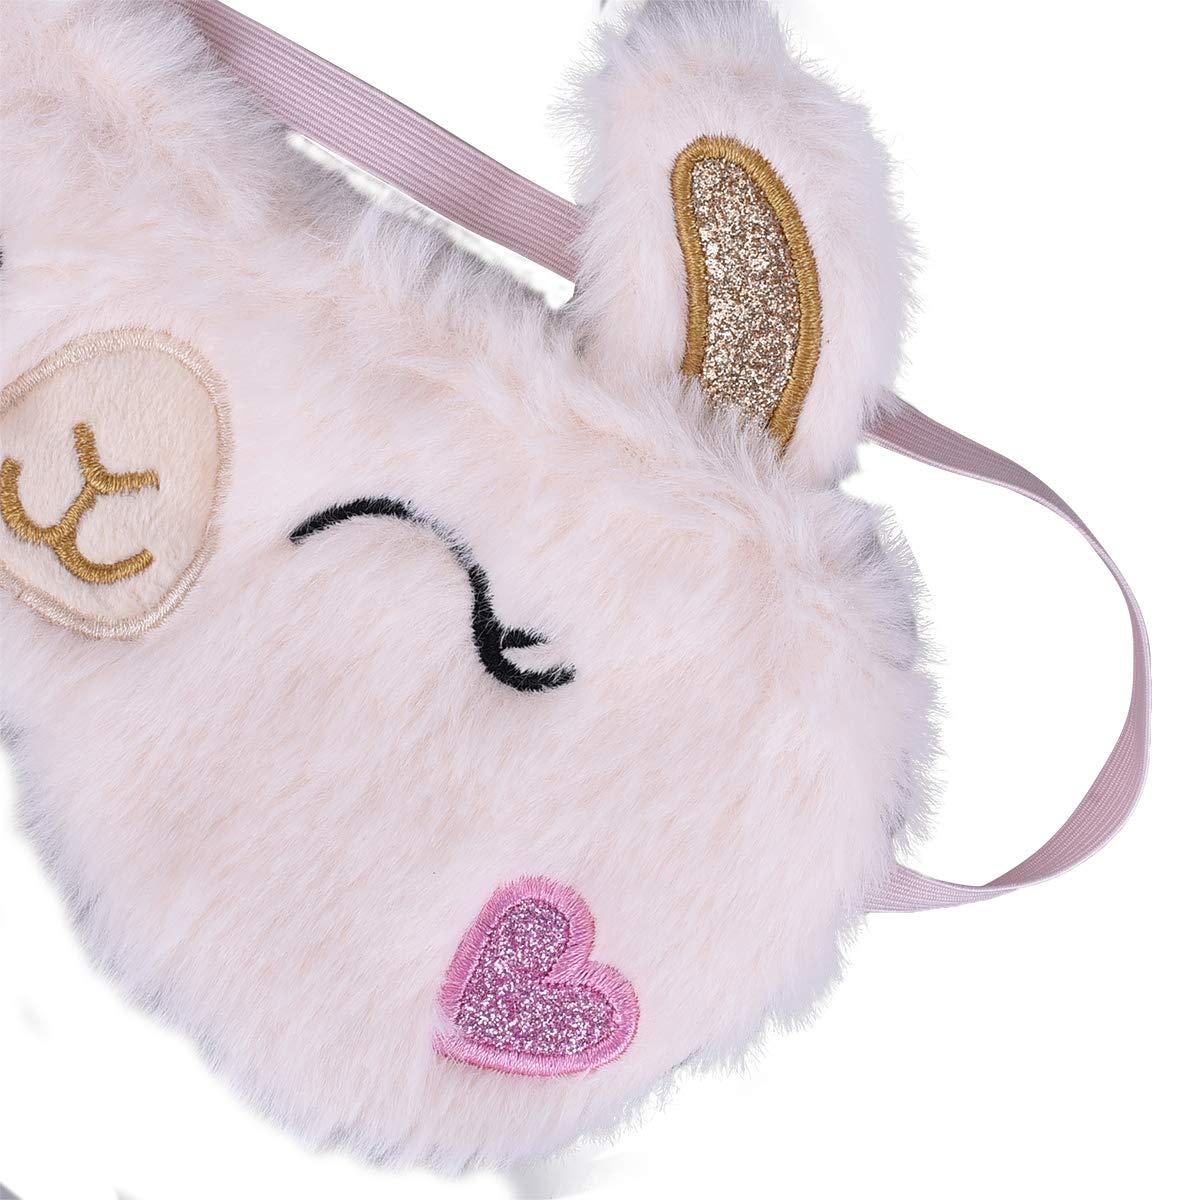 Ulife Mall 3D Peluche Masques de Sommeil Mignon Licorne Masque de Nuit Soie avec Bande /Élastique Masque pour les Yeux pour Dormir Bandeau yeux Couverture pour Femmes Filles Enfants Violet